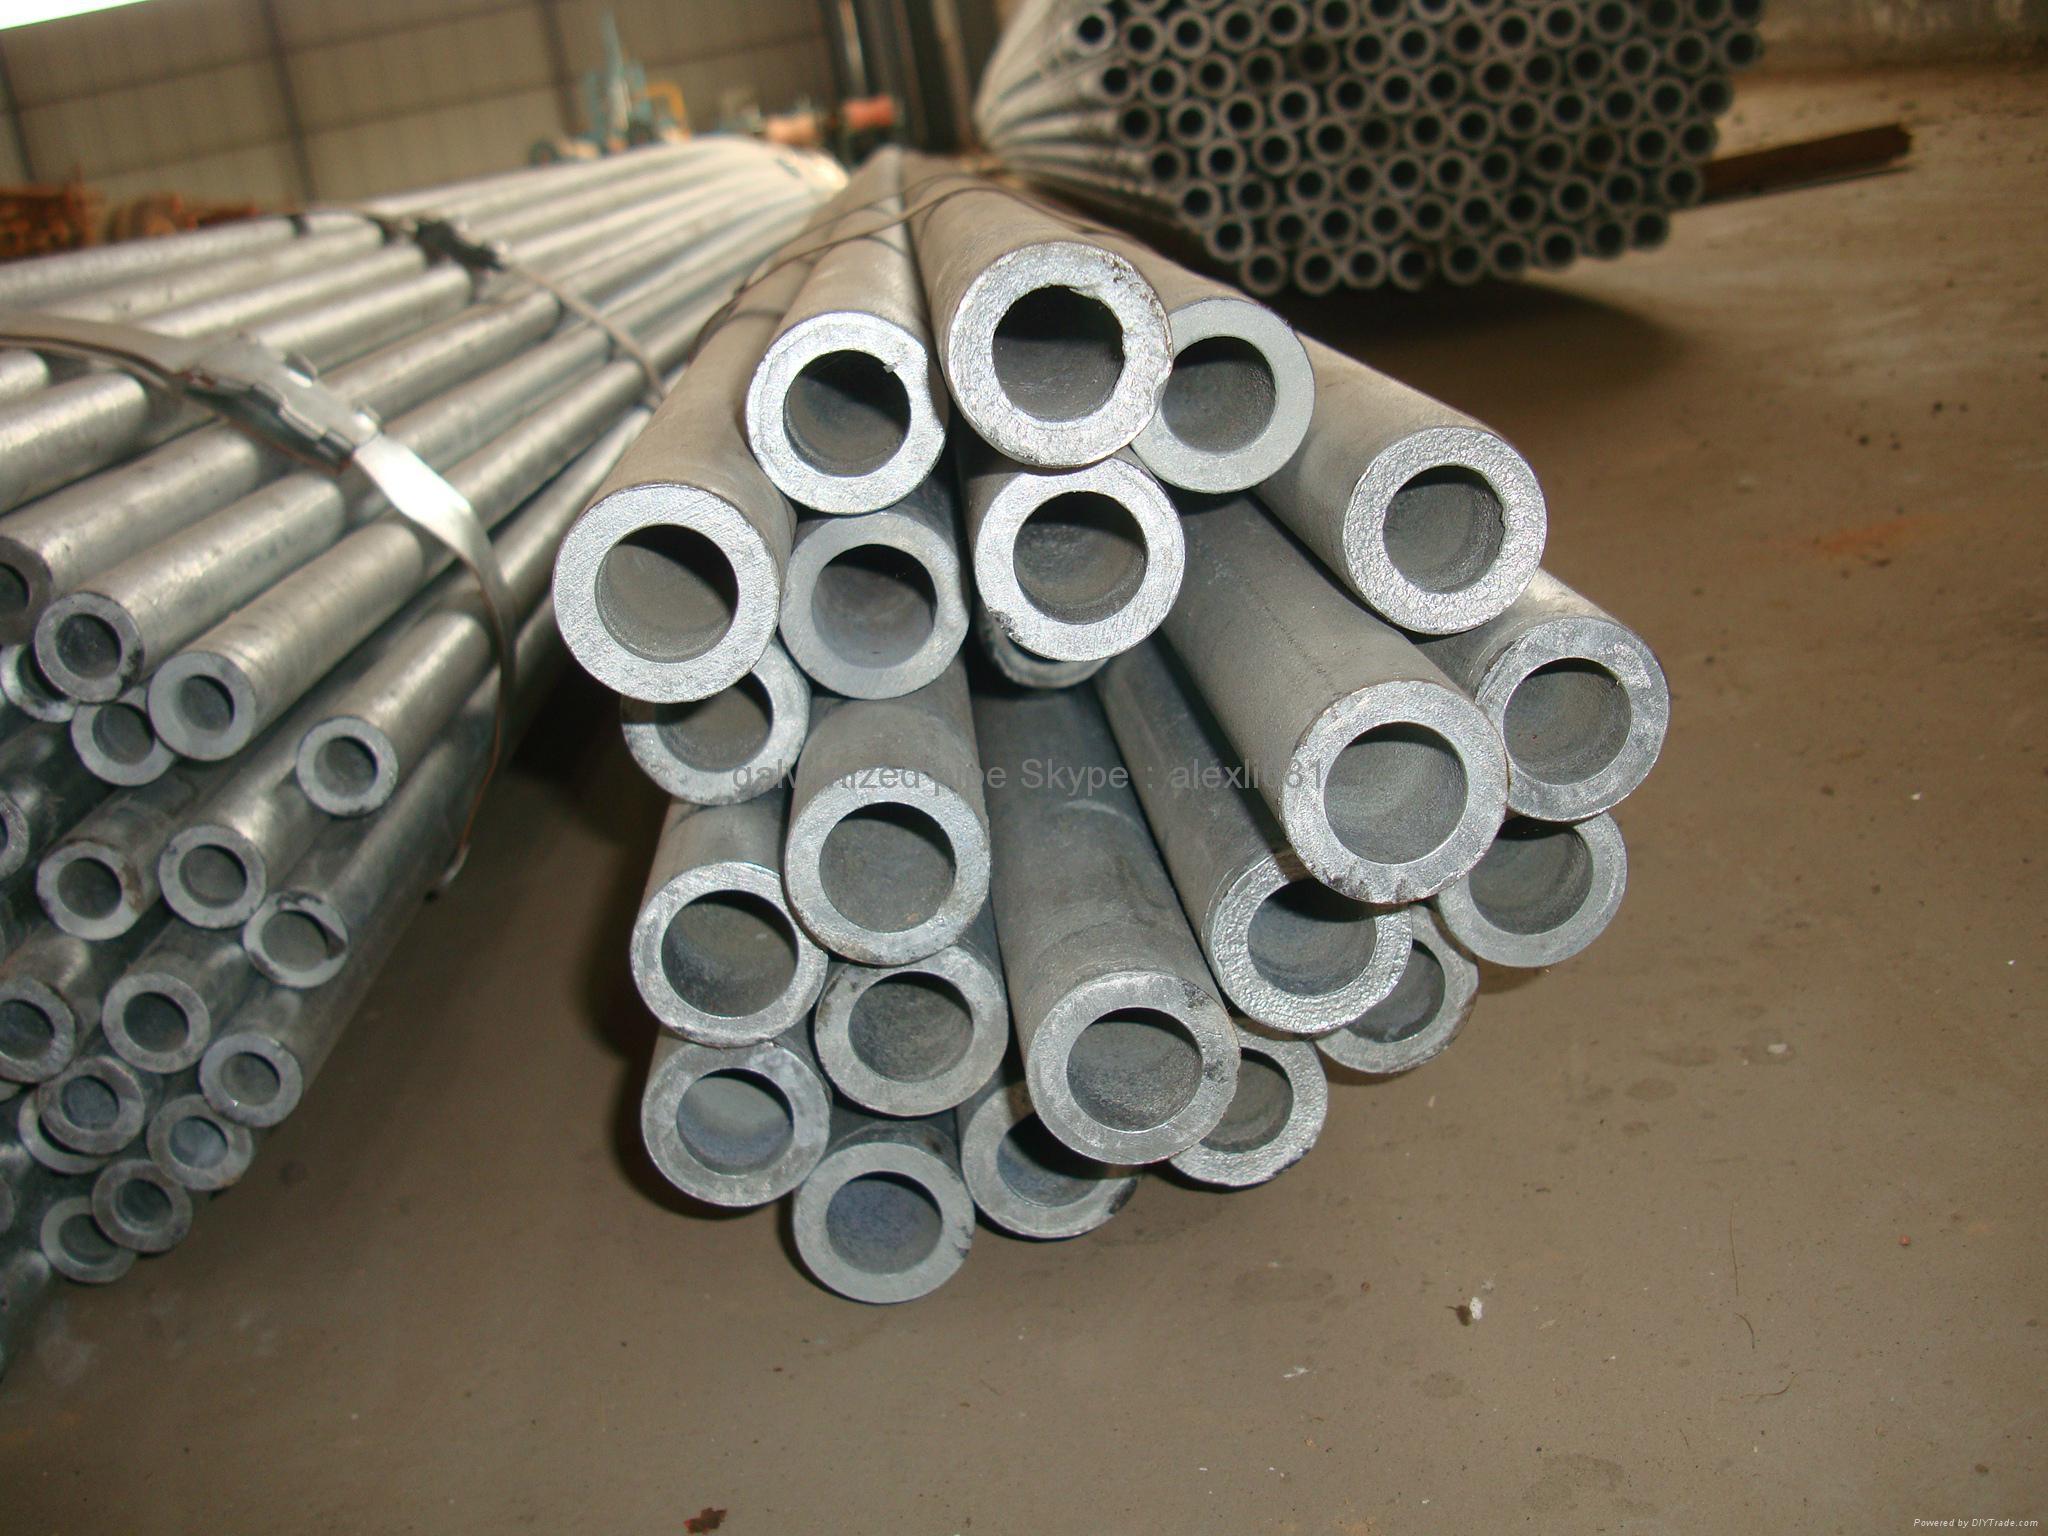 鍍鋅管,方管,矩形管,高頻鍍鋅鋼管,鍍鋅焊管,鍍鋅無縫管 14